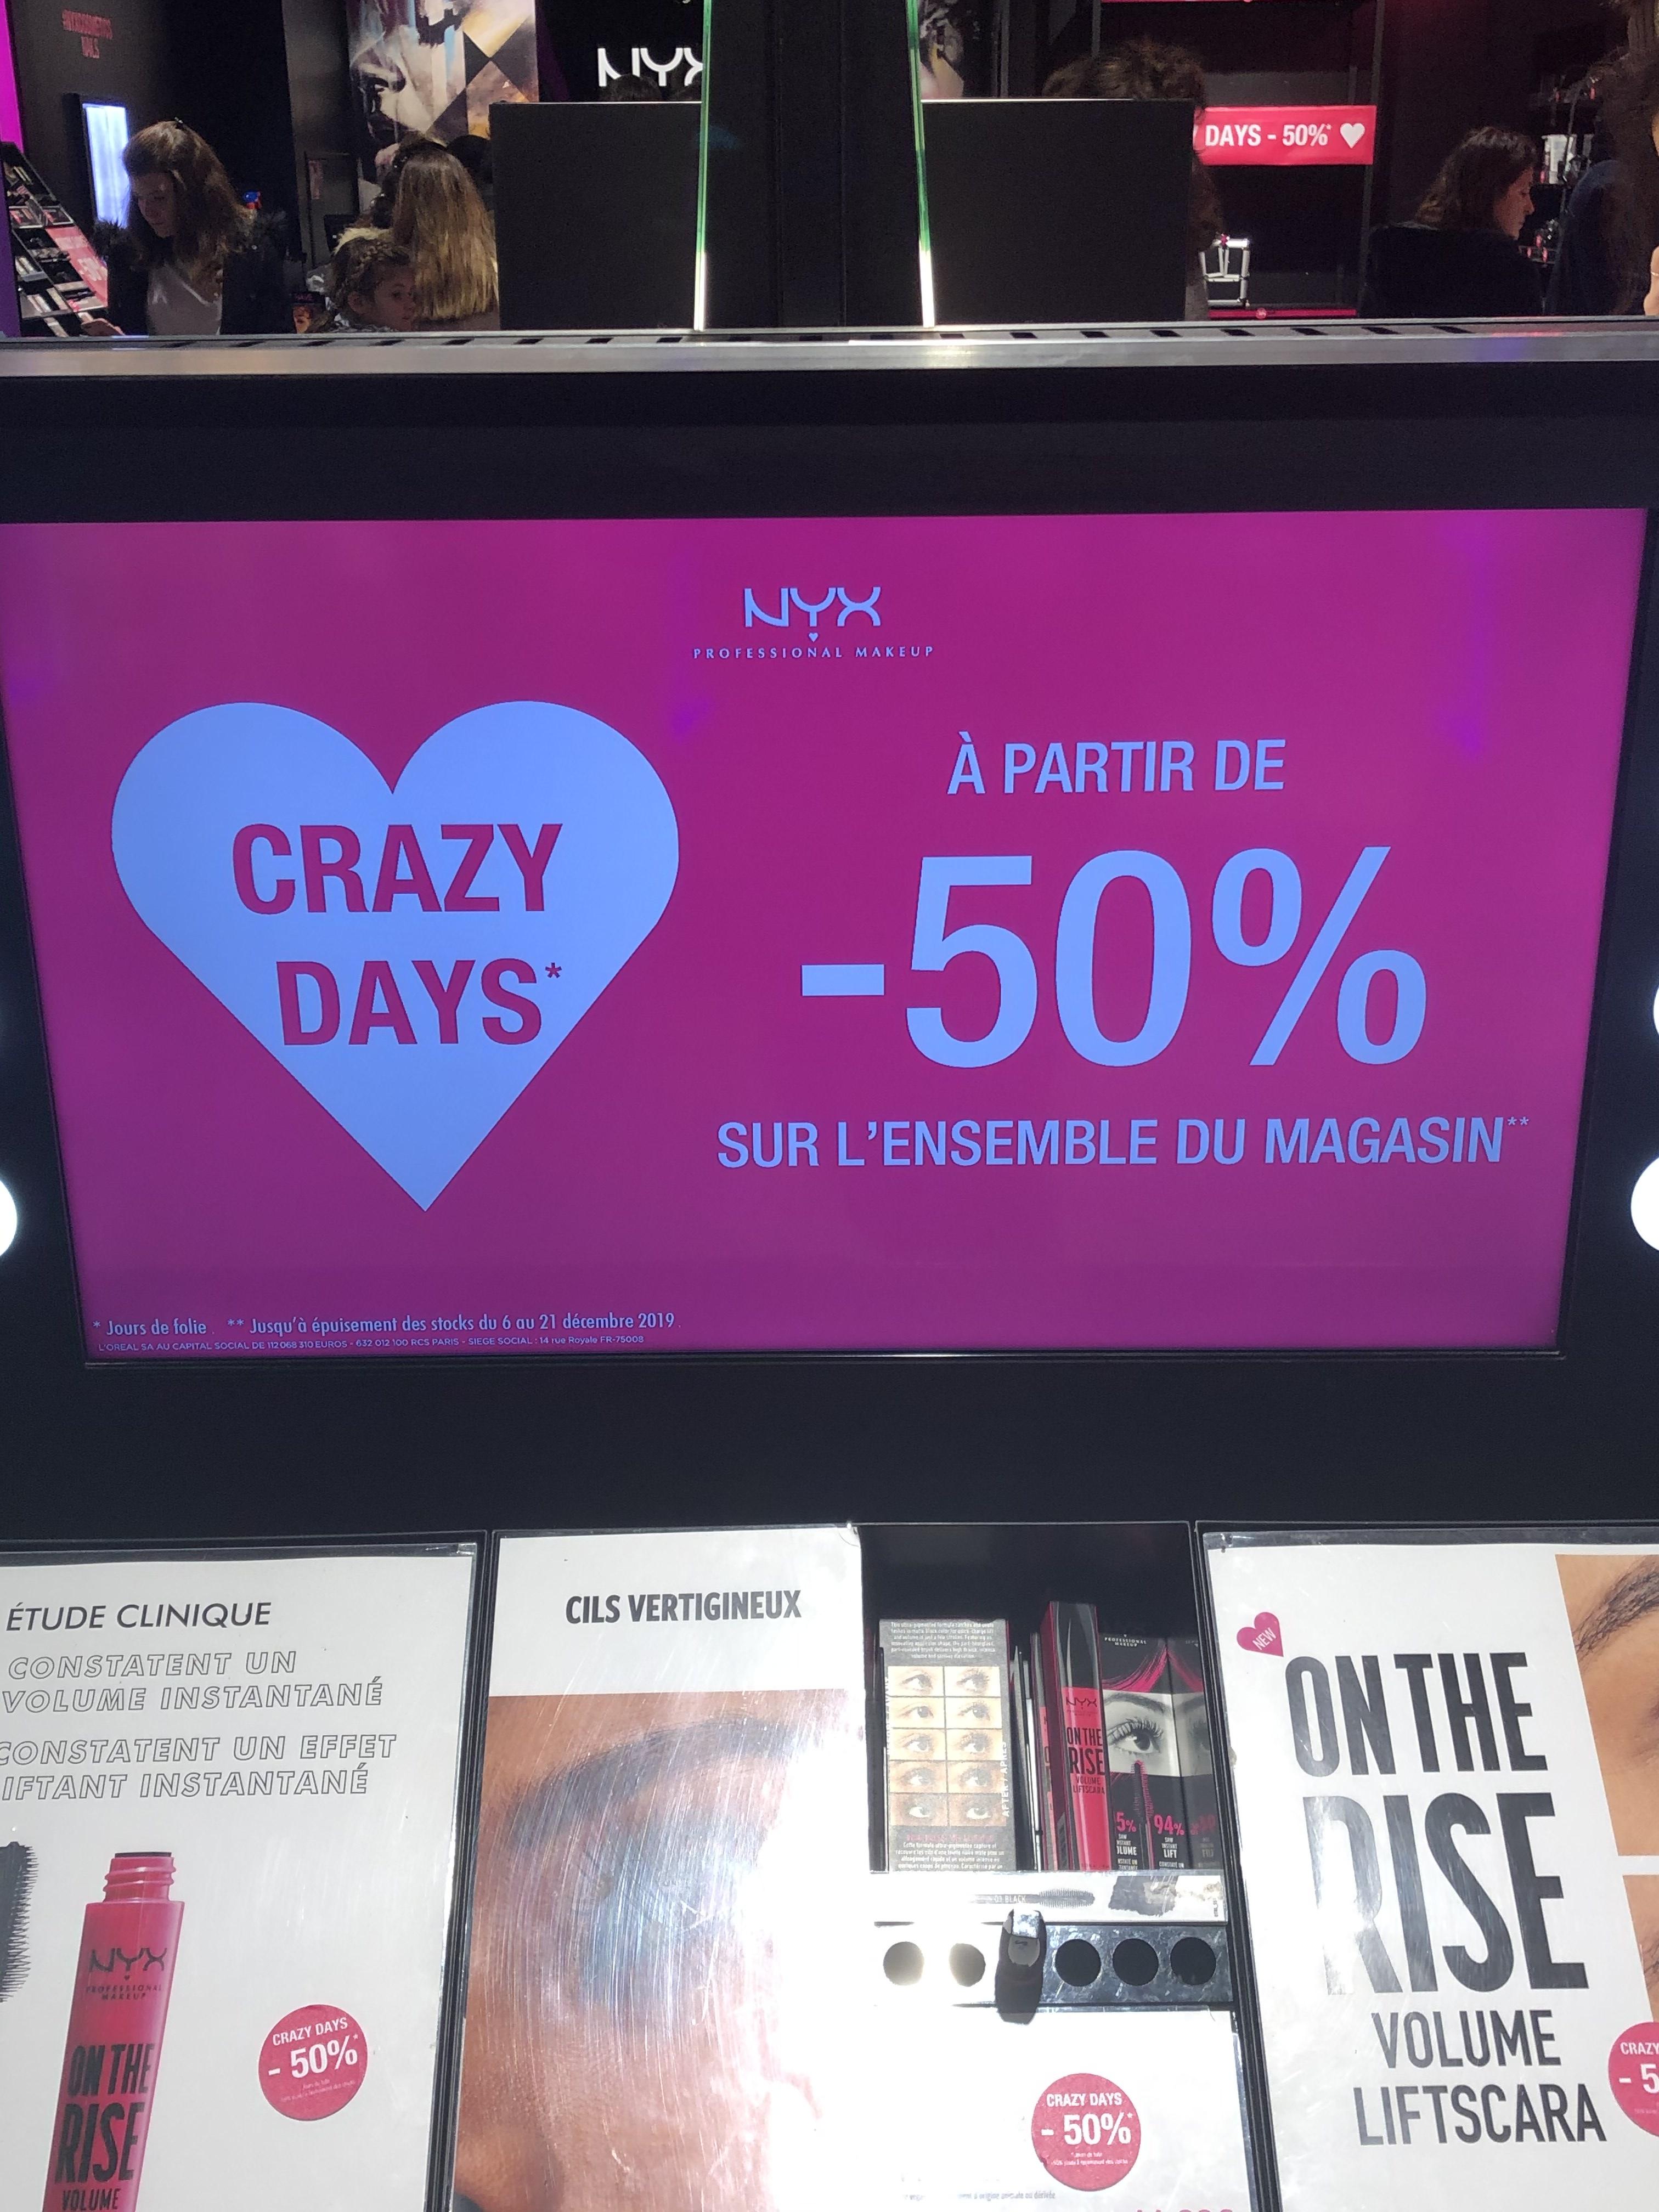 50% de réduction immédiate sur tout le magasin - Paris Beaugrenelle(75)